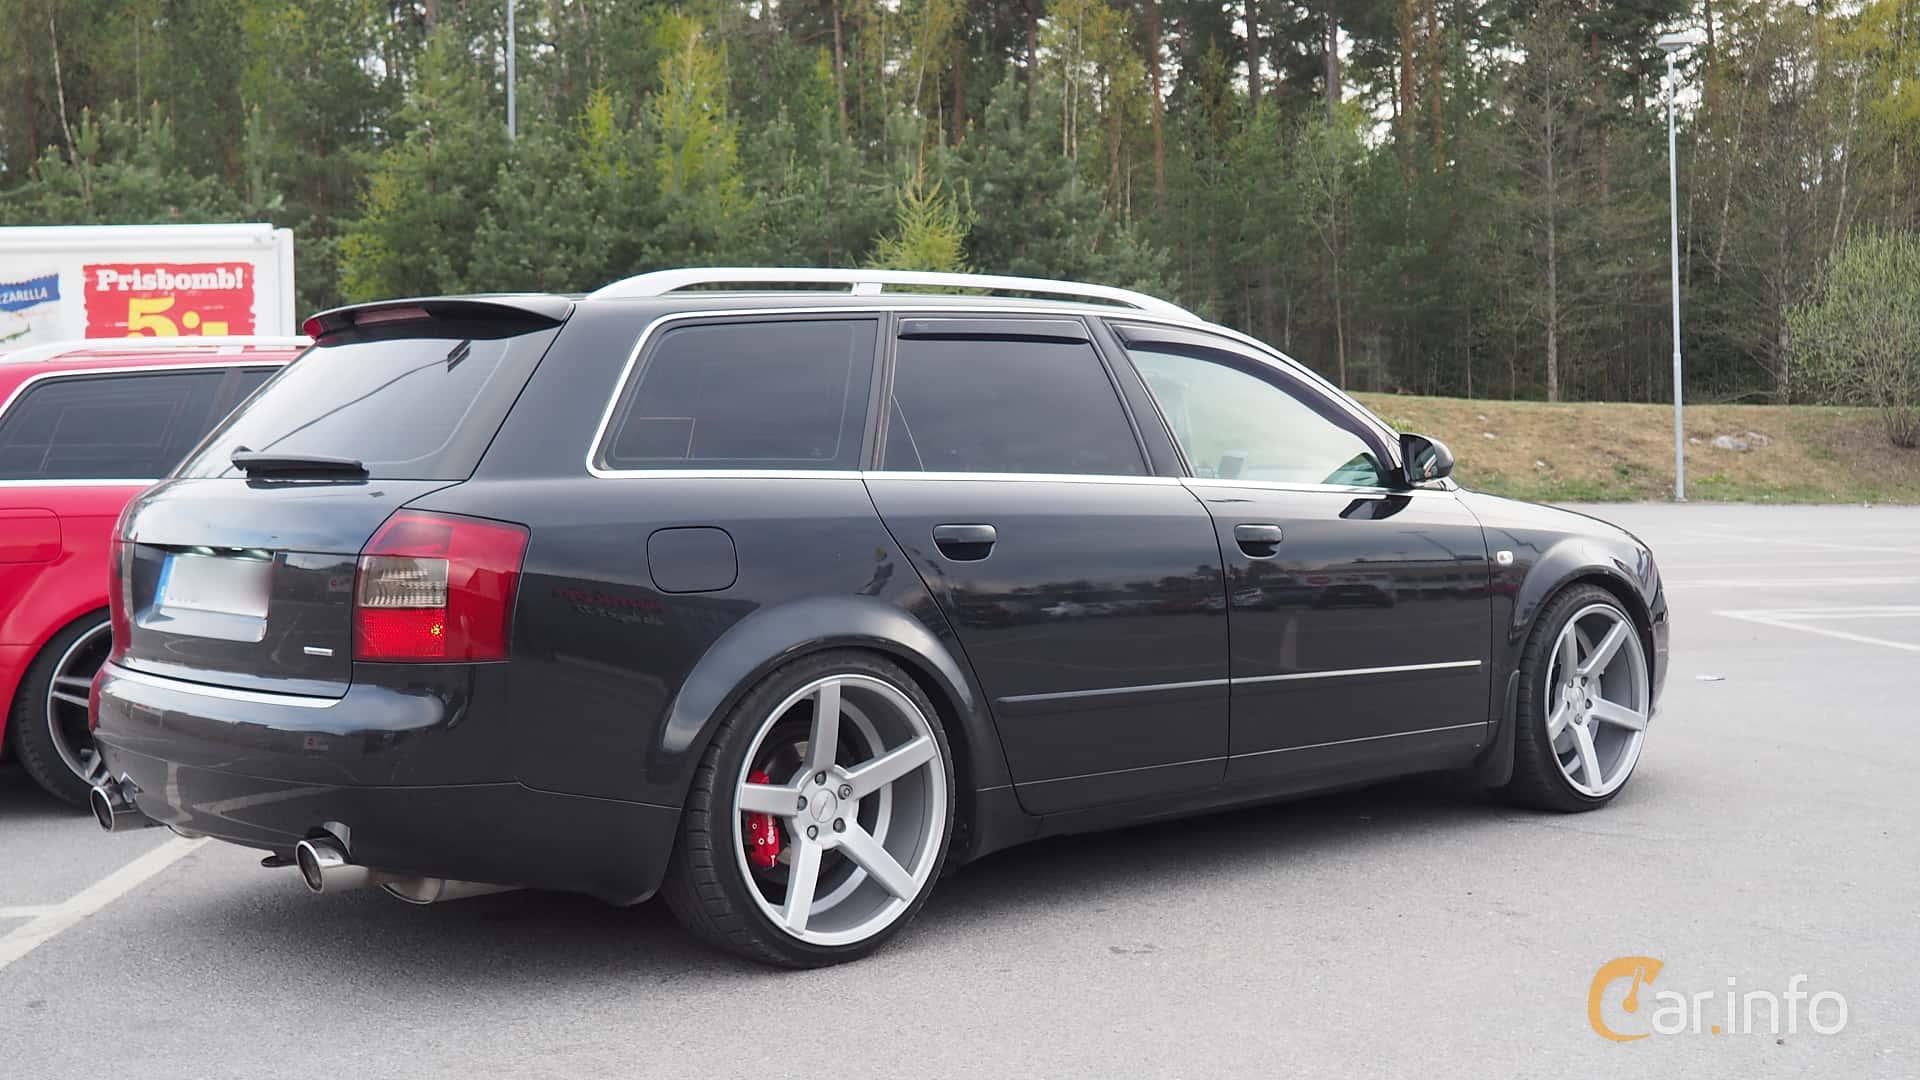 Kelebihan Kekurangan Audi A4 Avant 2004 Top Model Tahun Ini